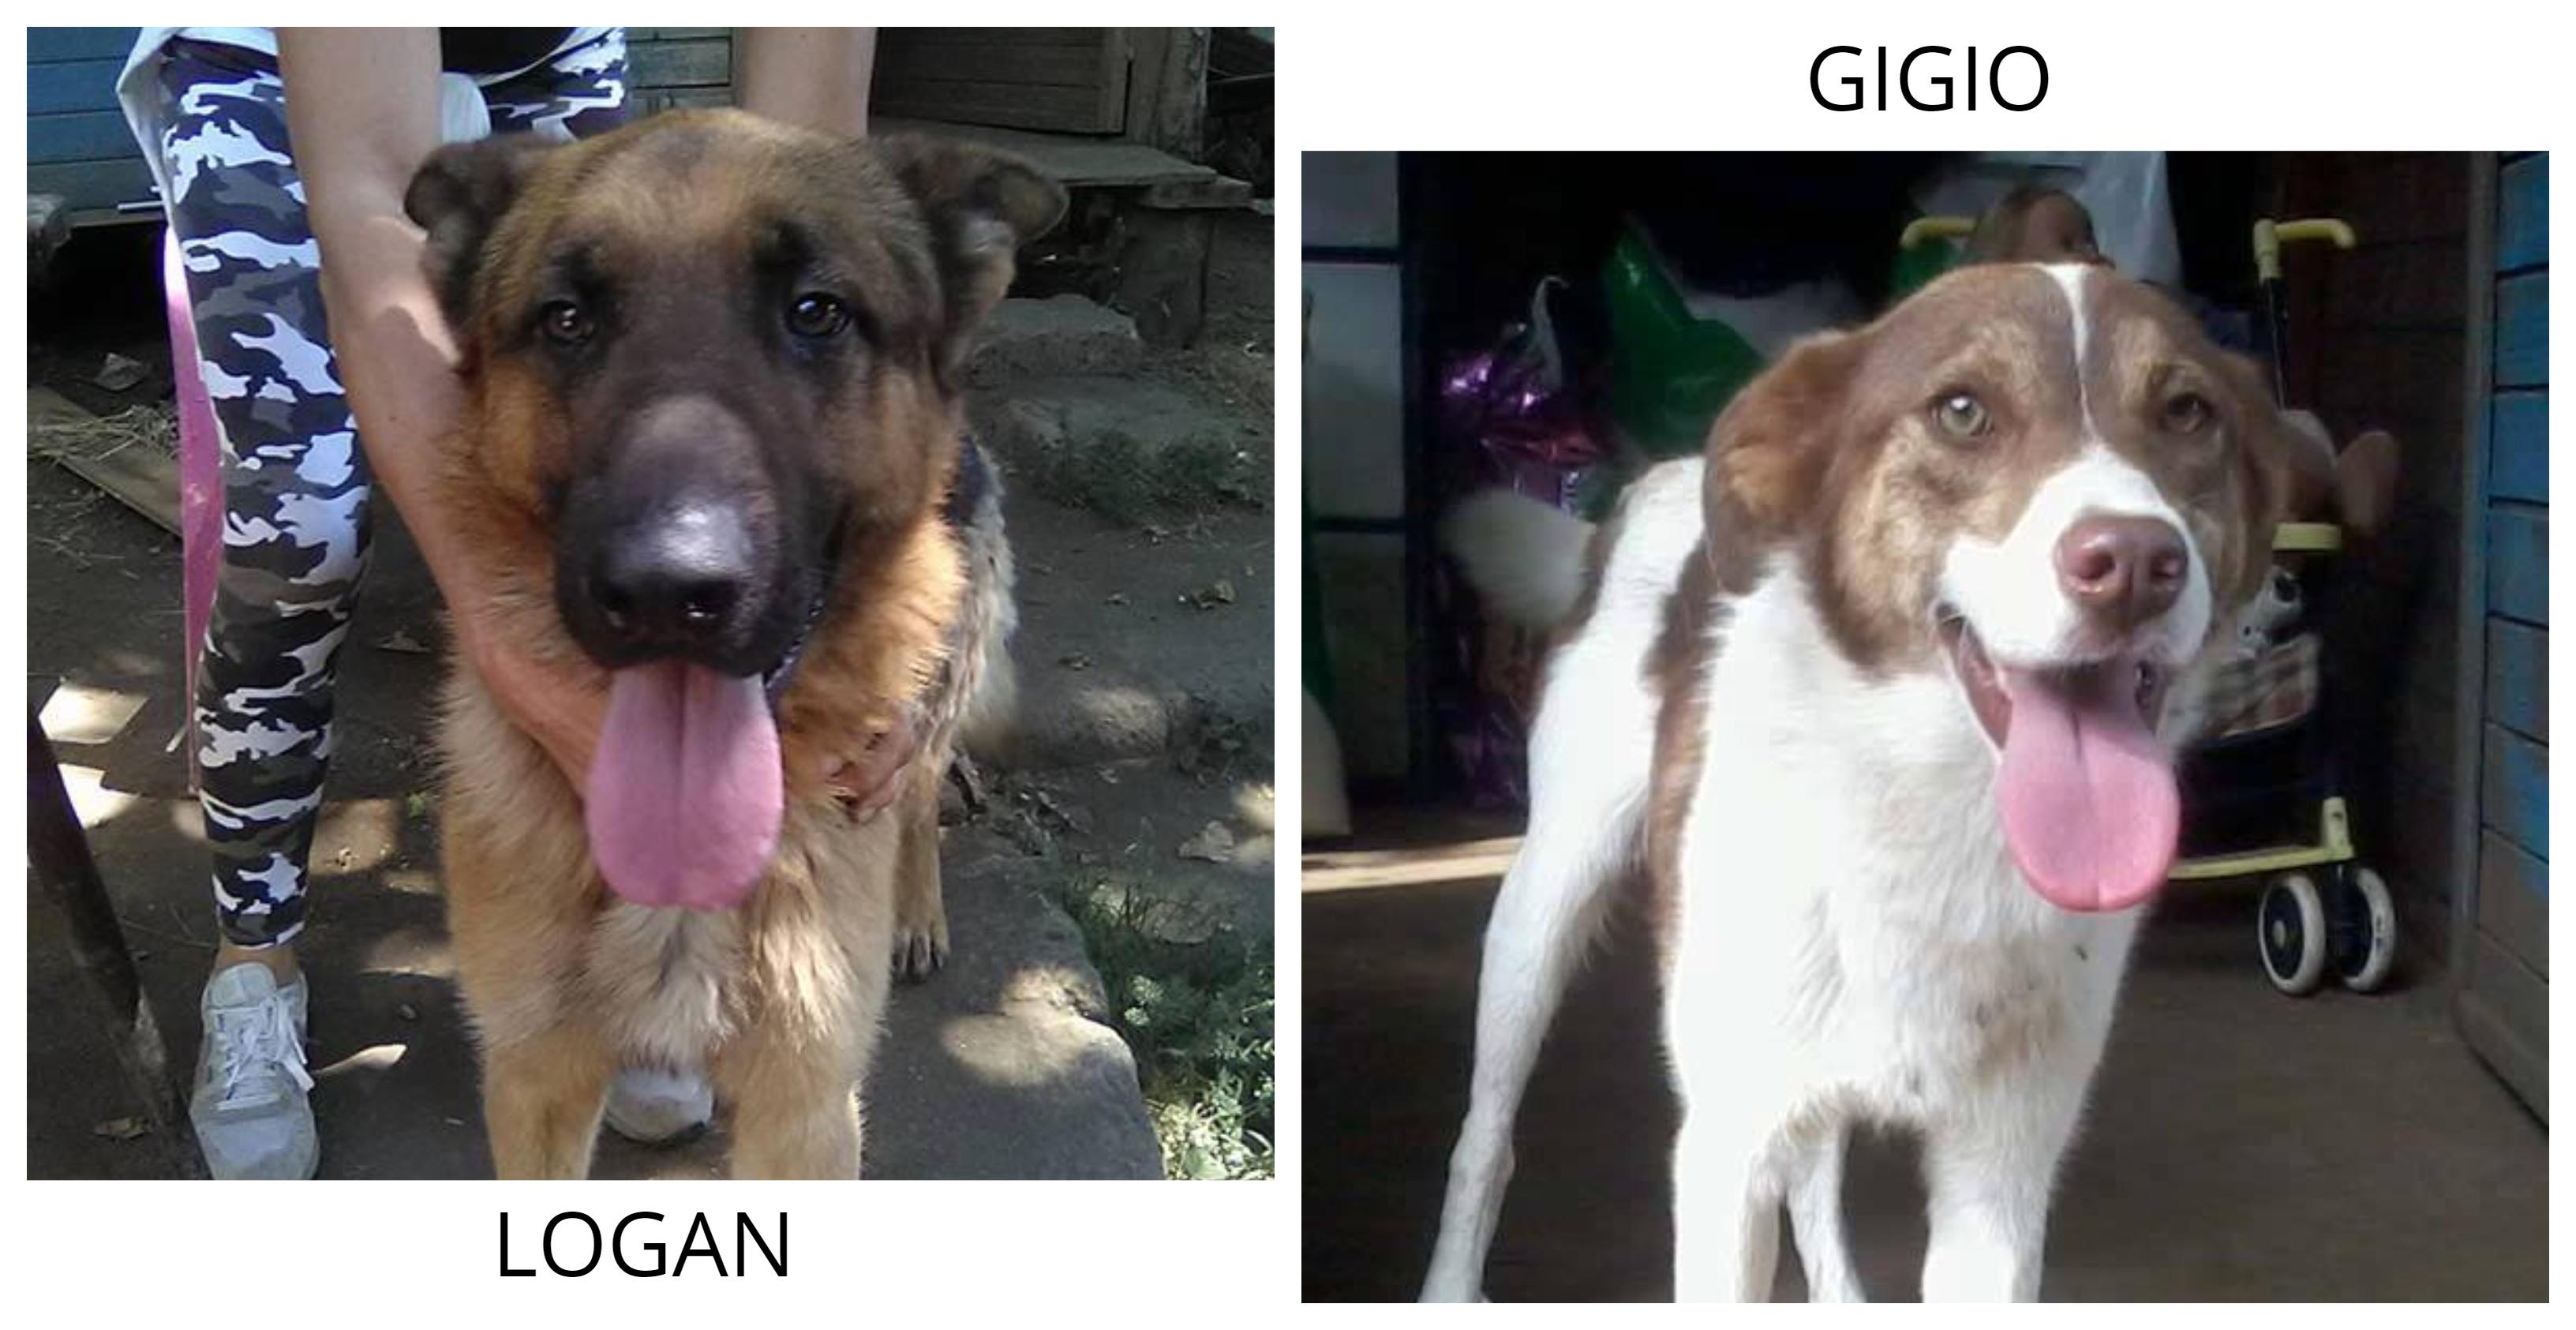 Logan e Gigio cercano casa: appello per adozione